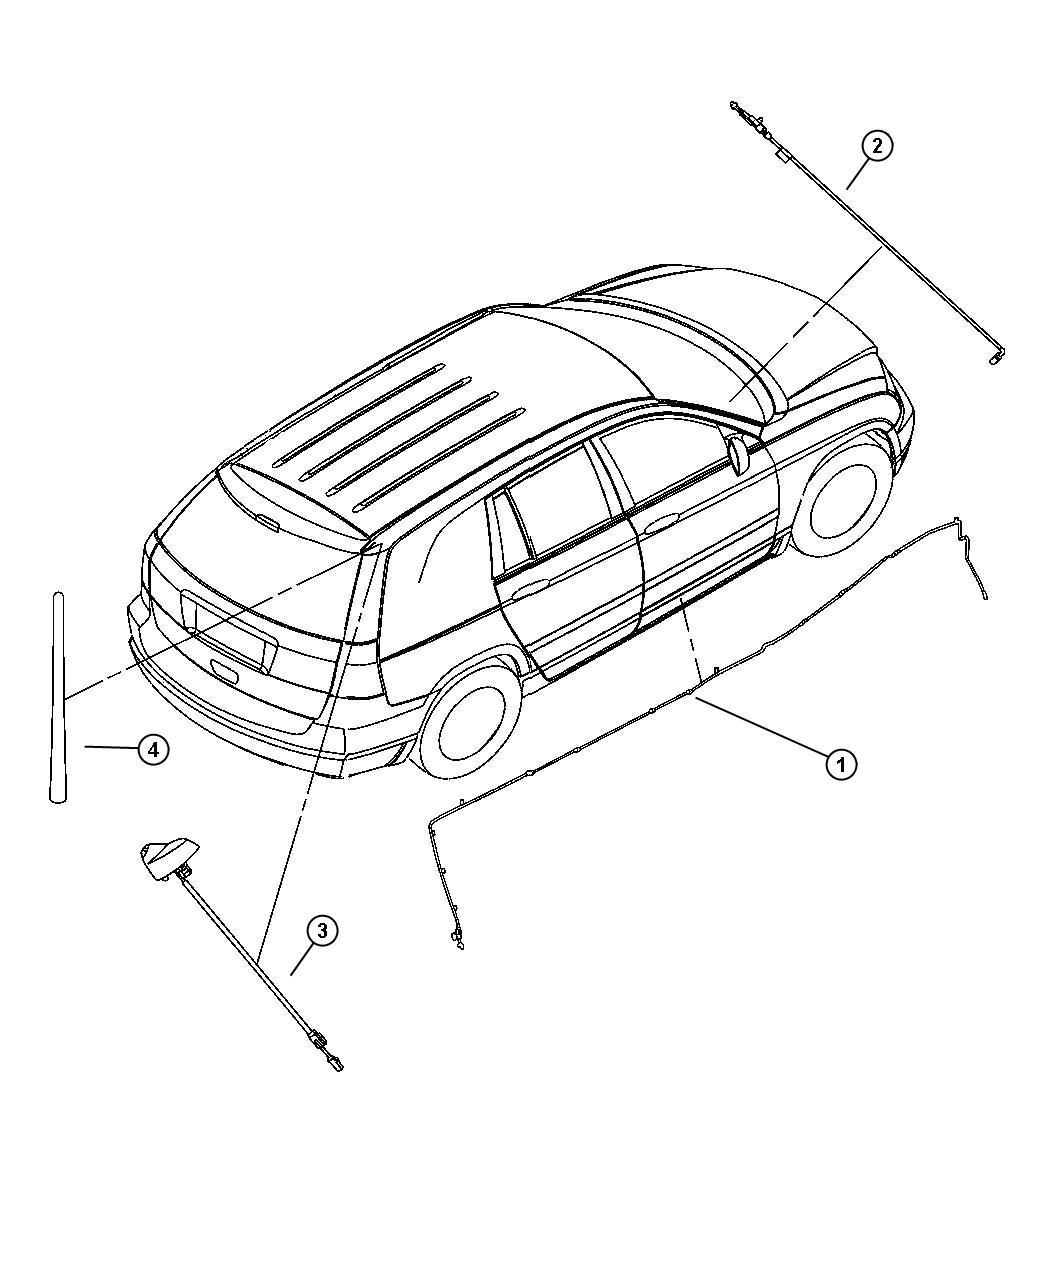 Mast Diagram